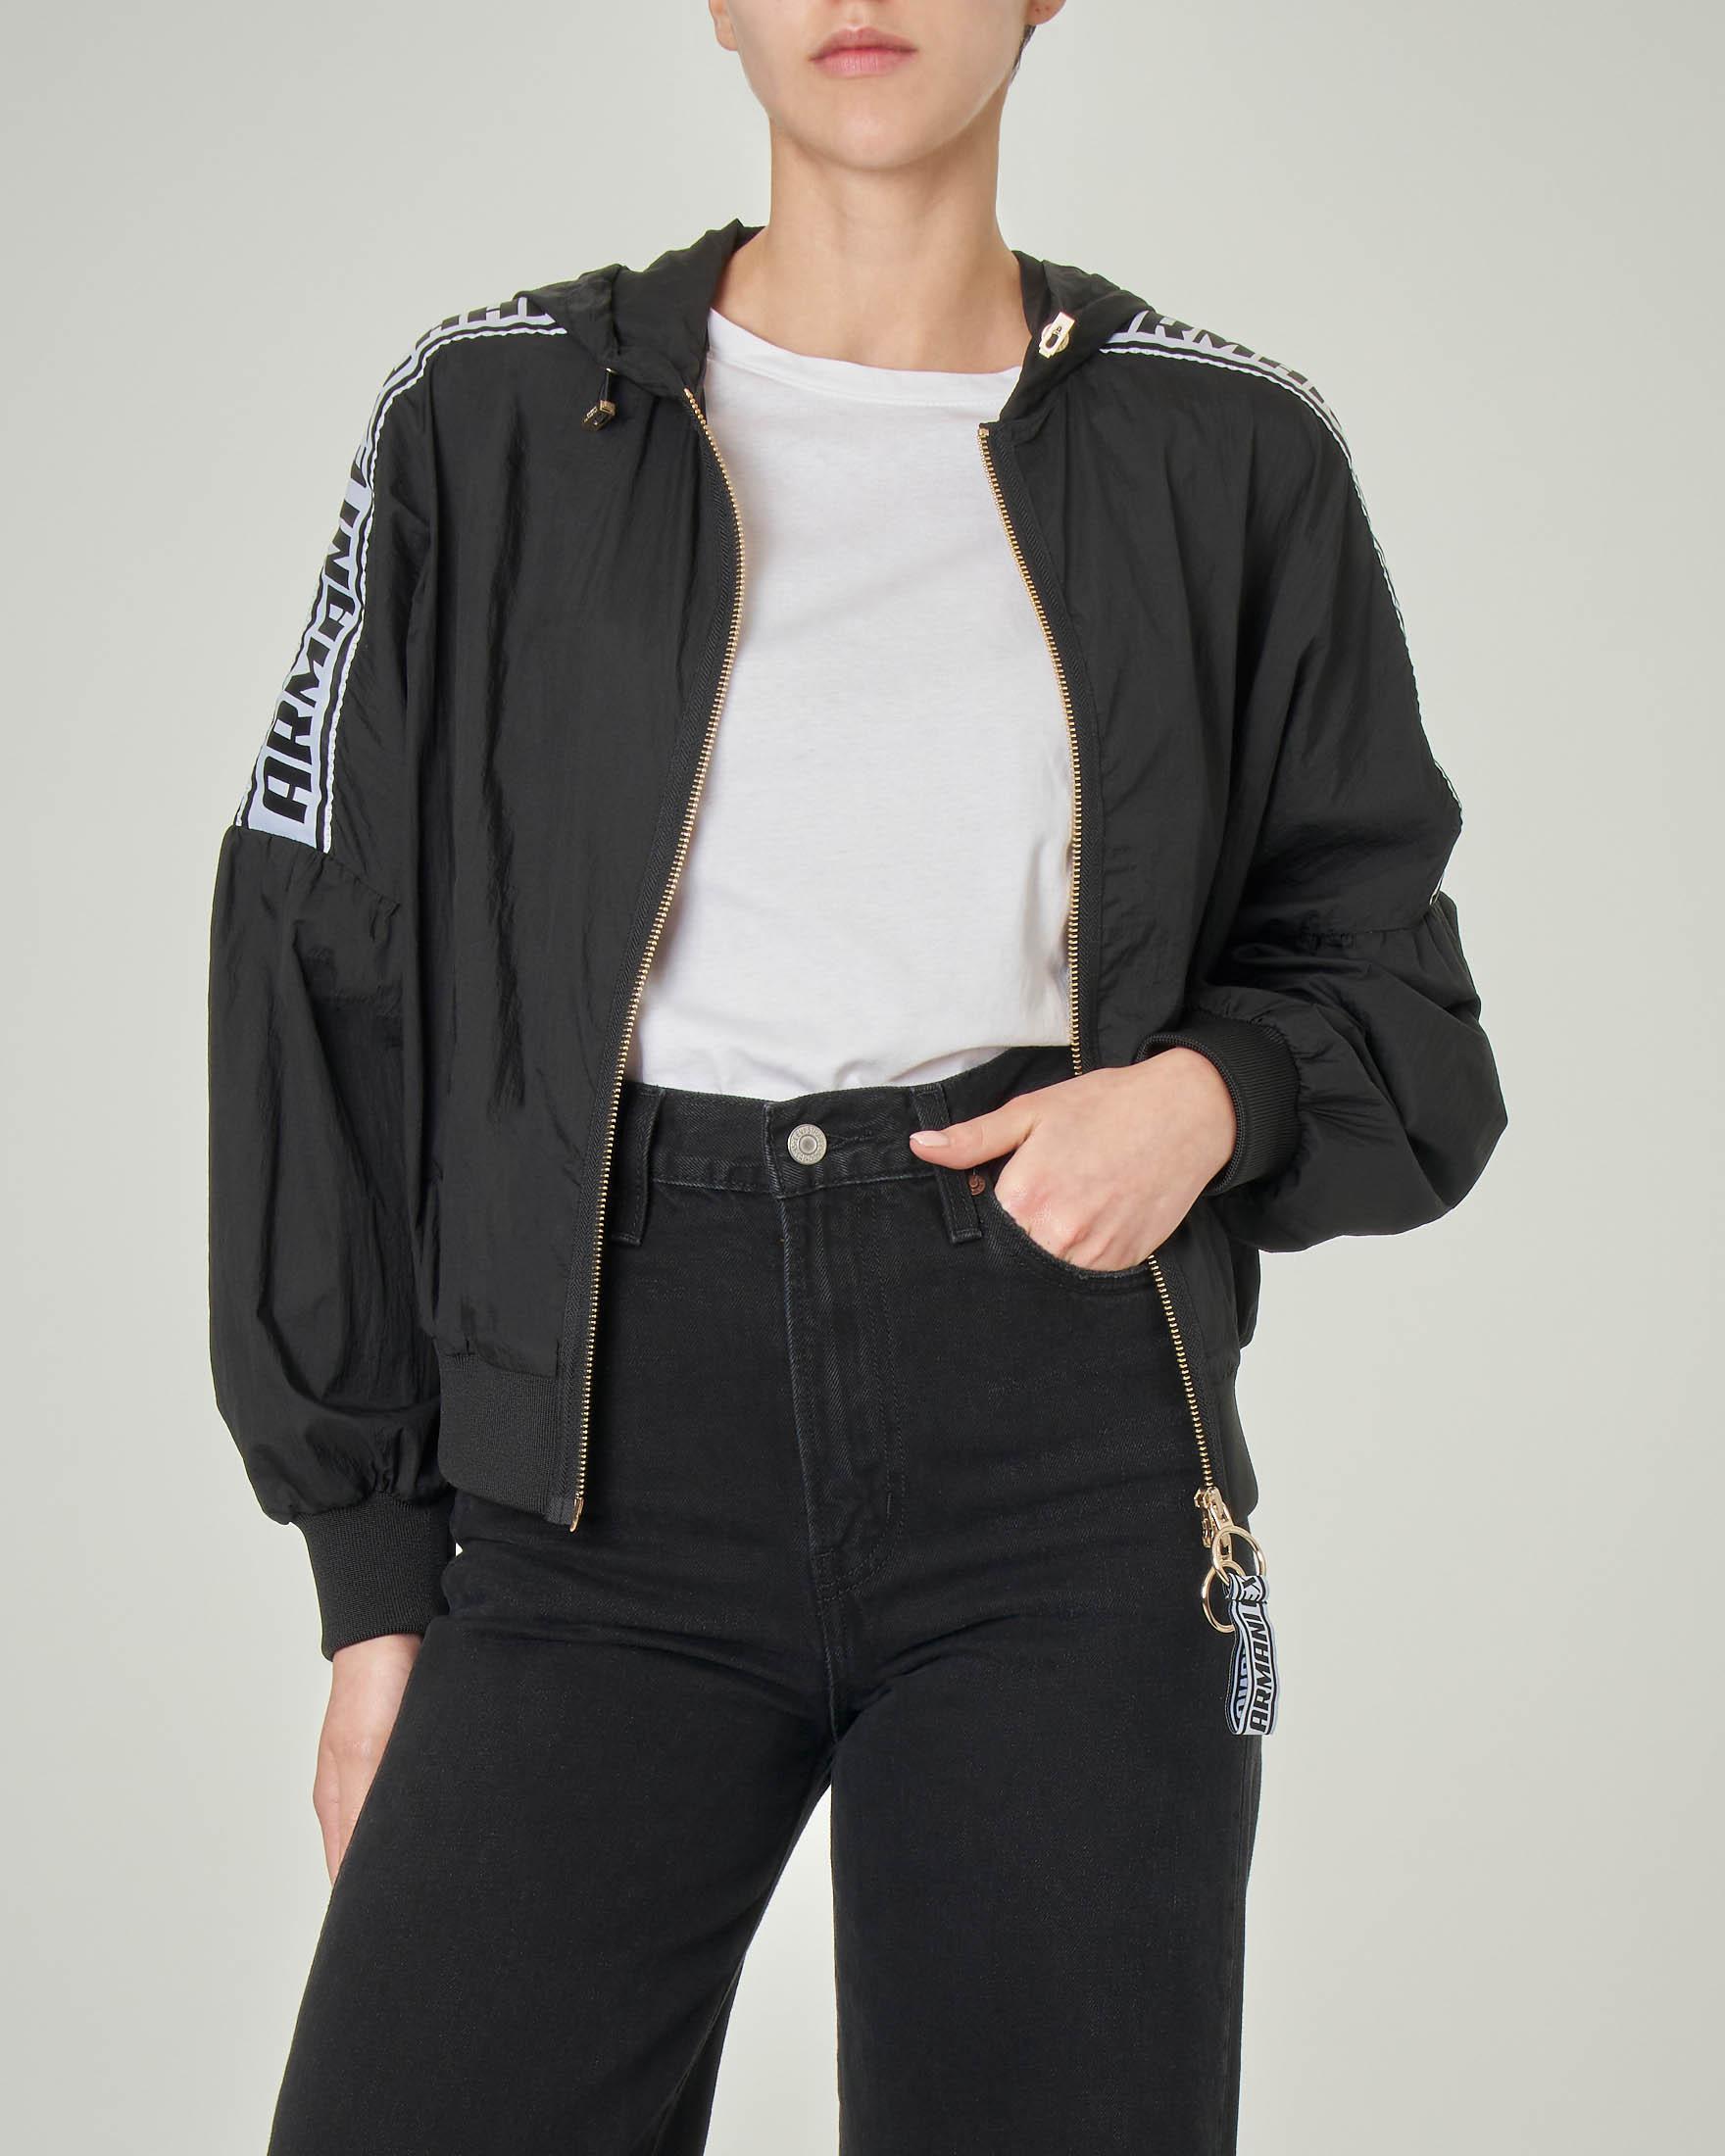 Giubbino nero in nylon con cappuccio fisso e bande con scritta logo sulle spalle